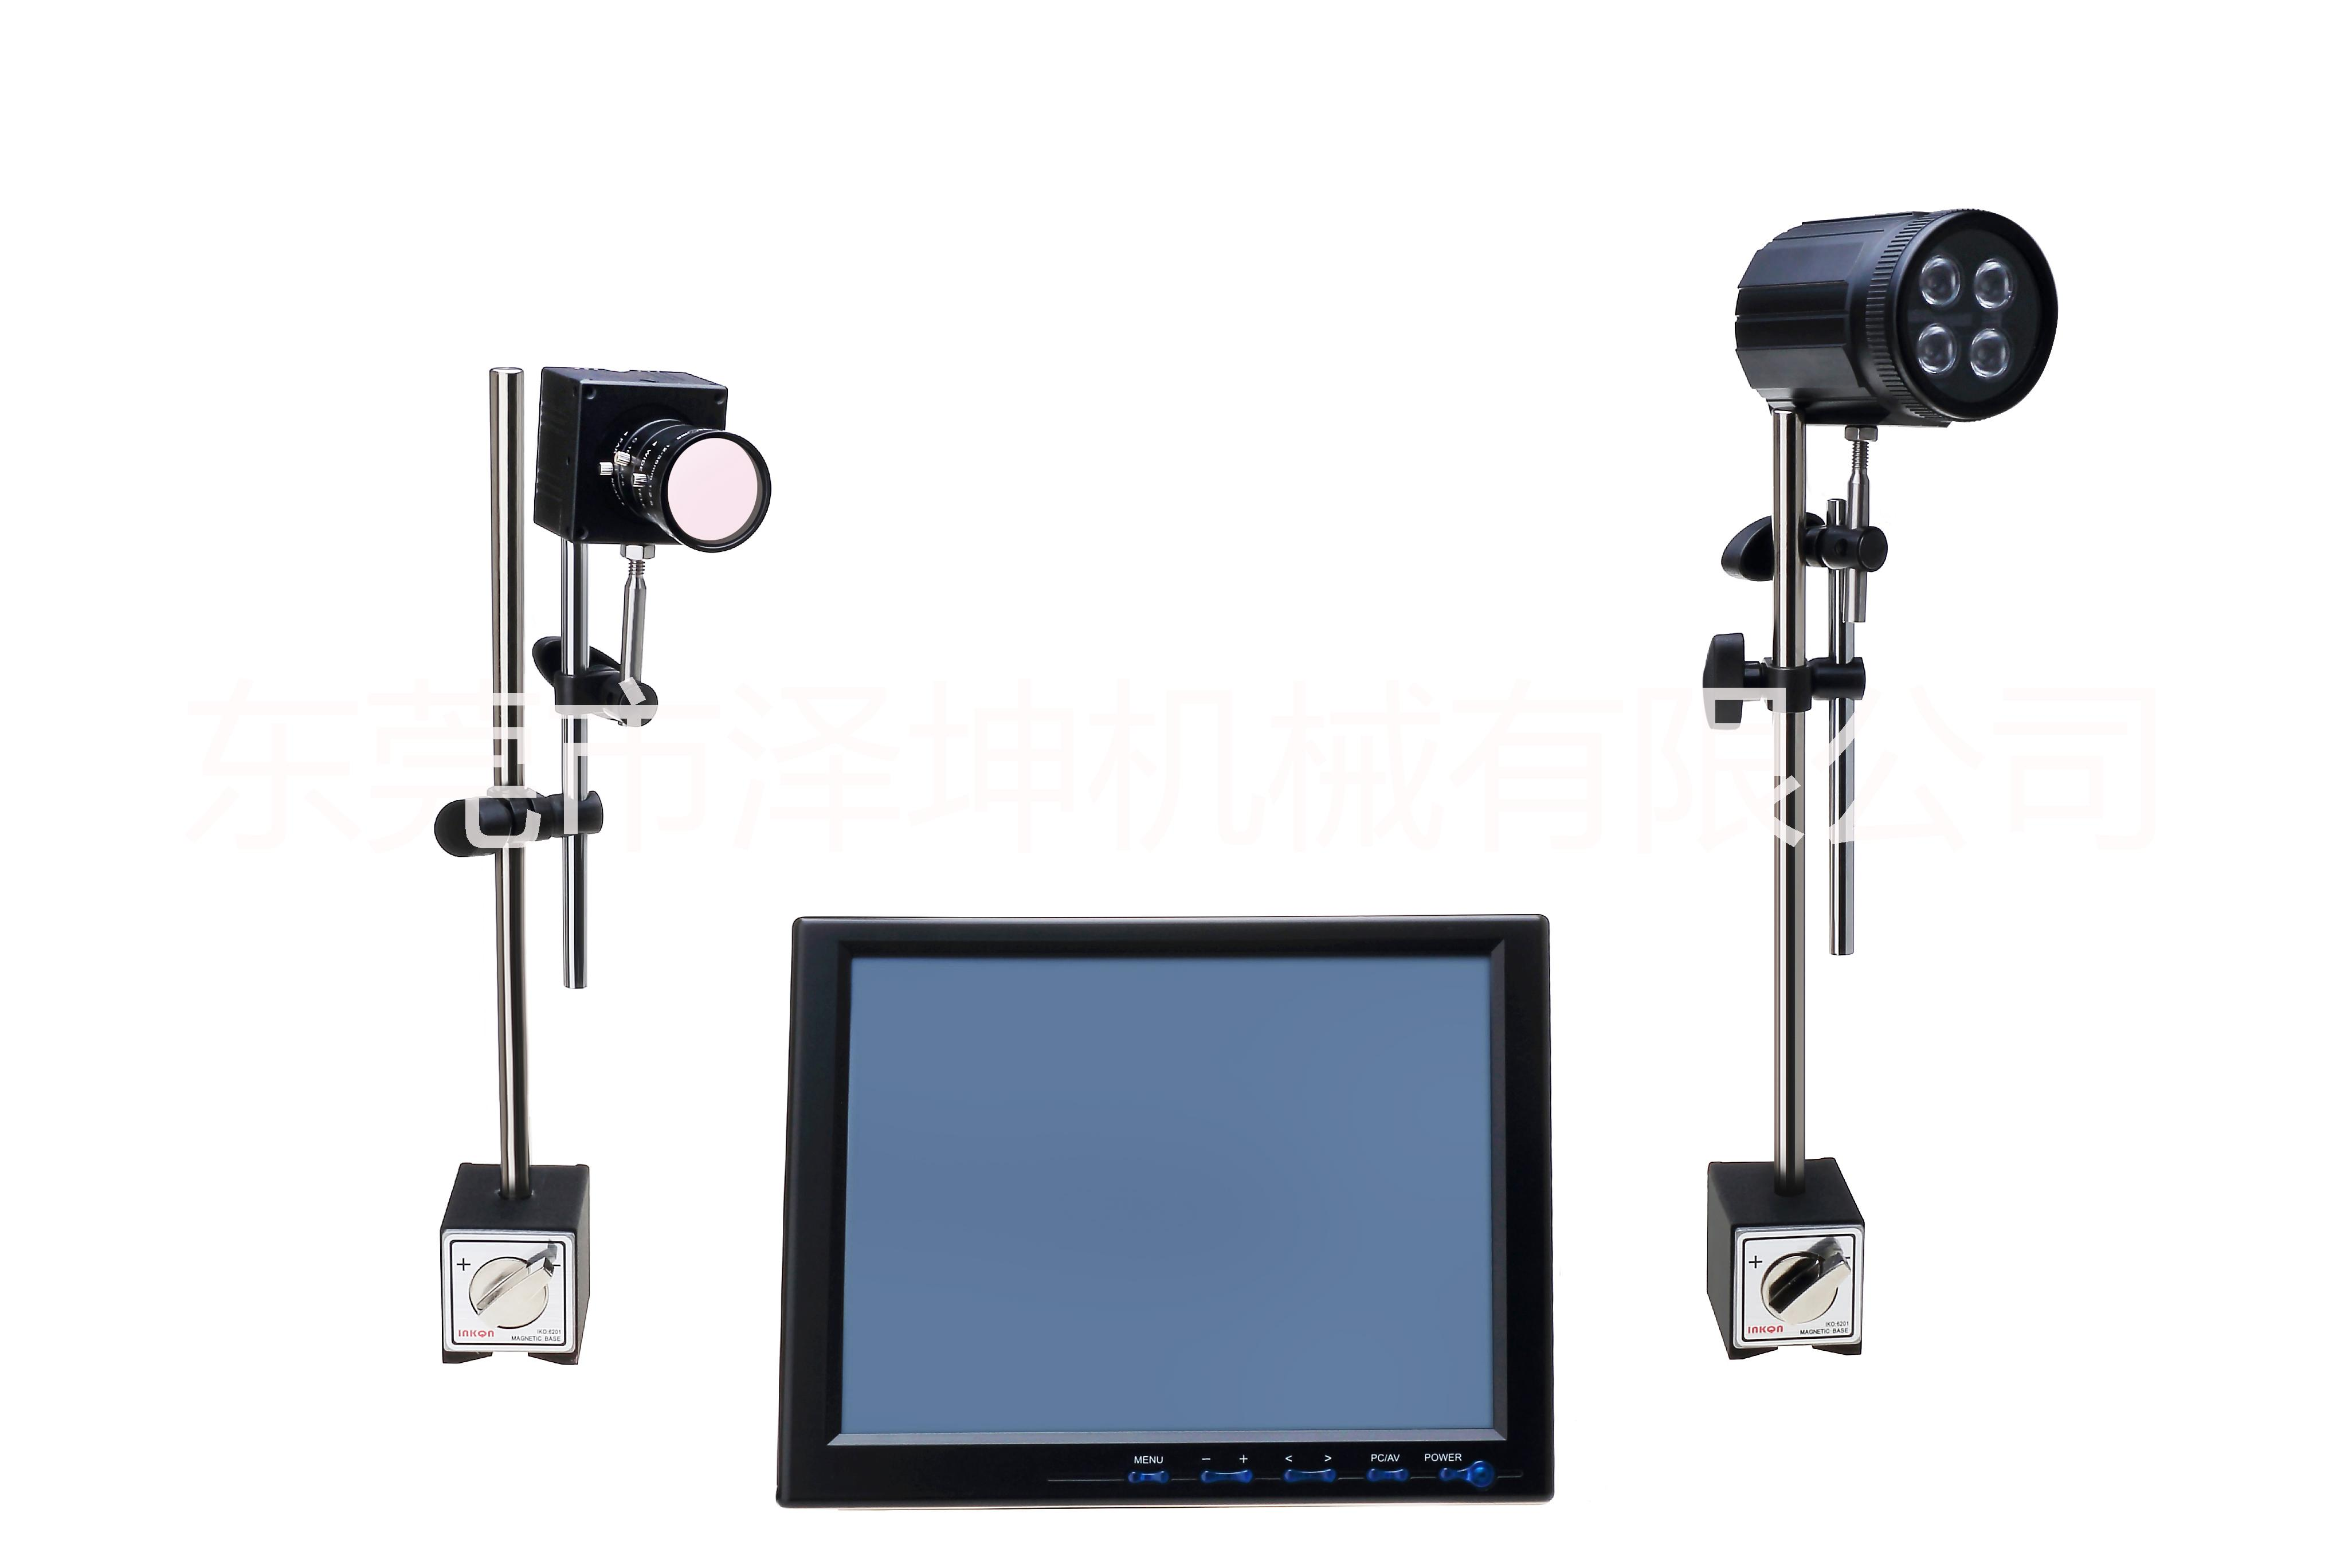 供应模具监视器,产品视觉检测系统 清晰 成像快 傻瓜式操作 模具监视器,模具报警器